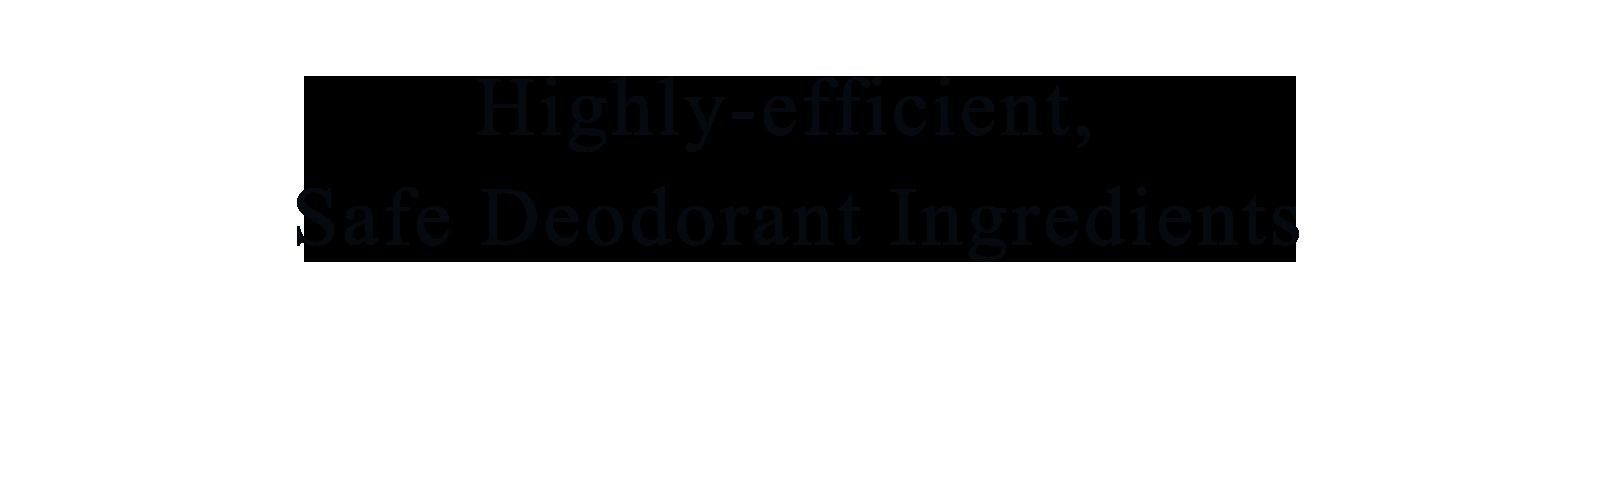 高い消臭効果とSafetyを兼ね備えた消臭原料